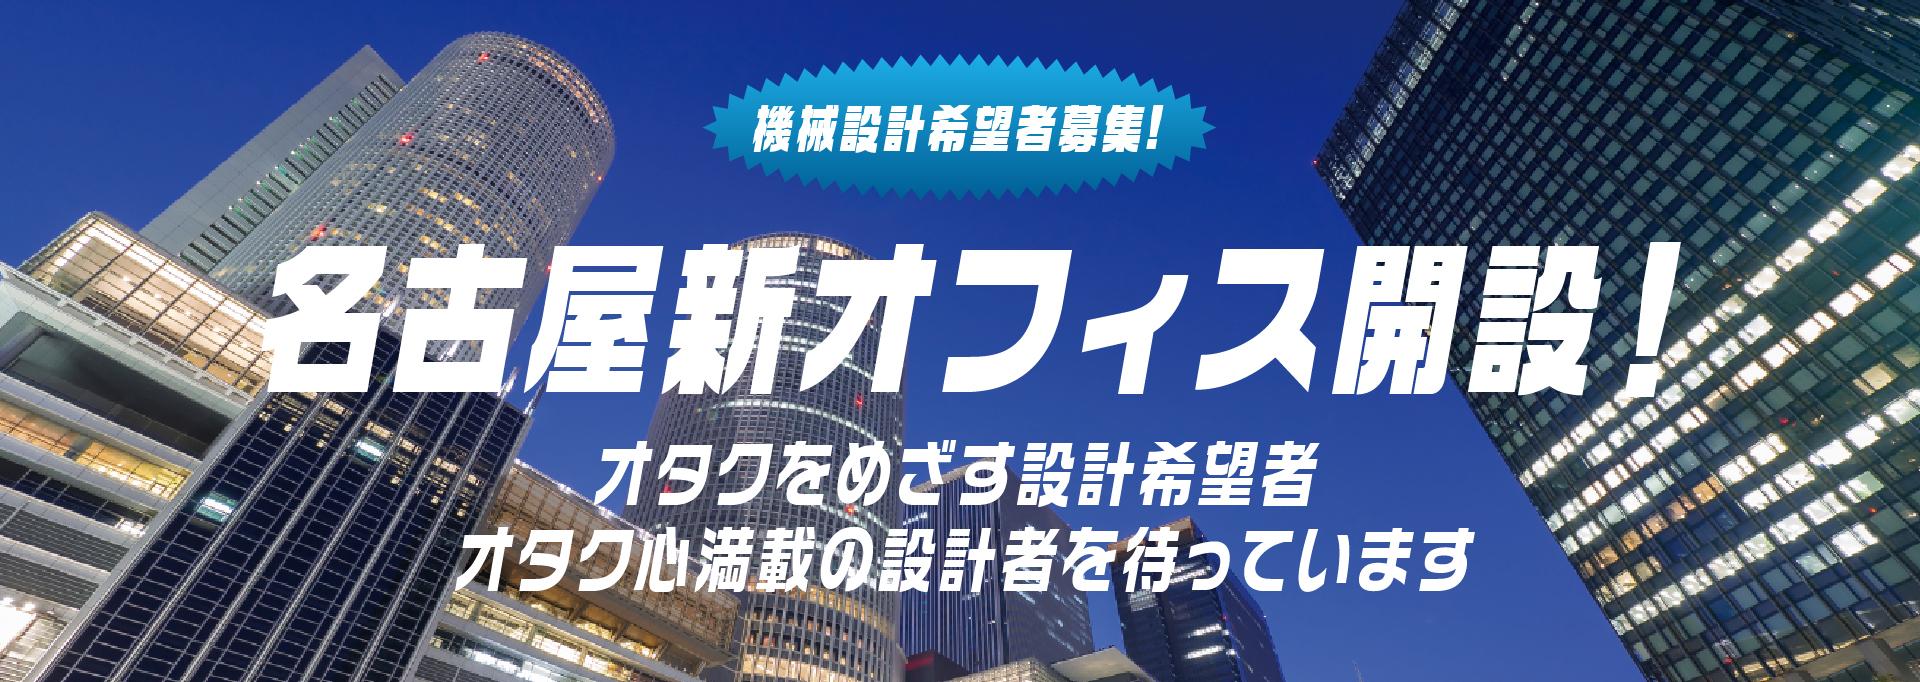 名古屋新オフィス開設!